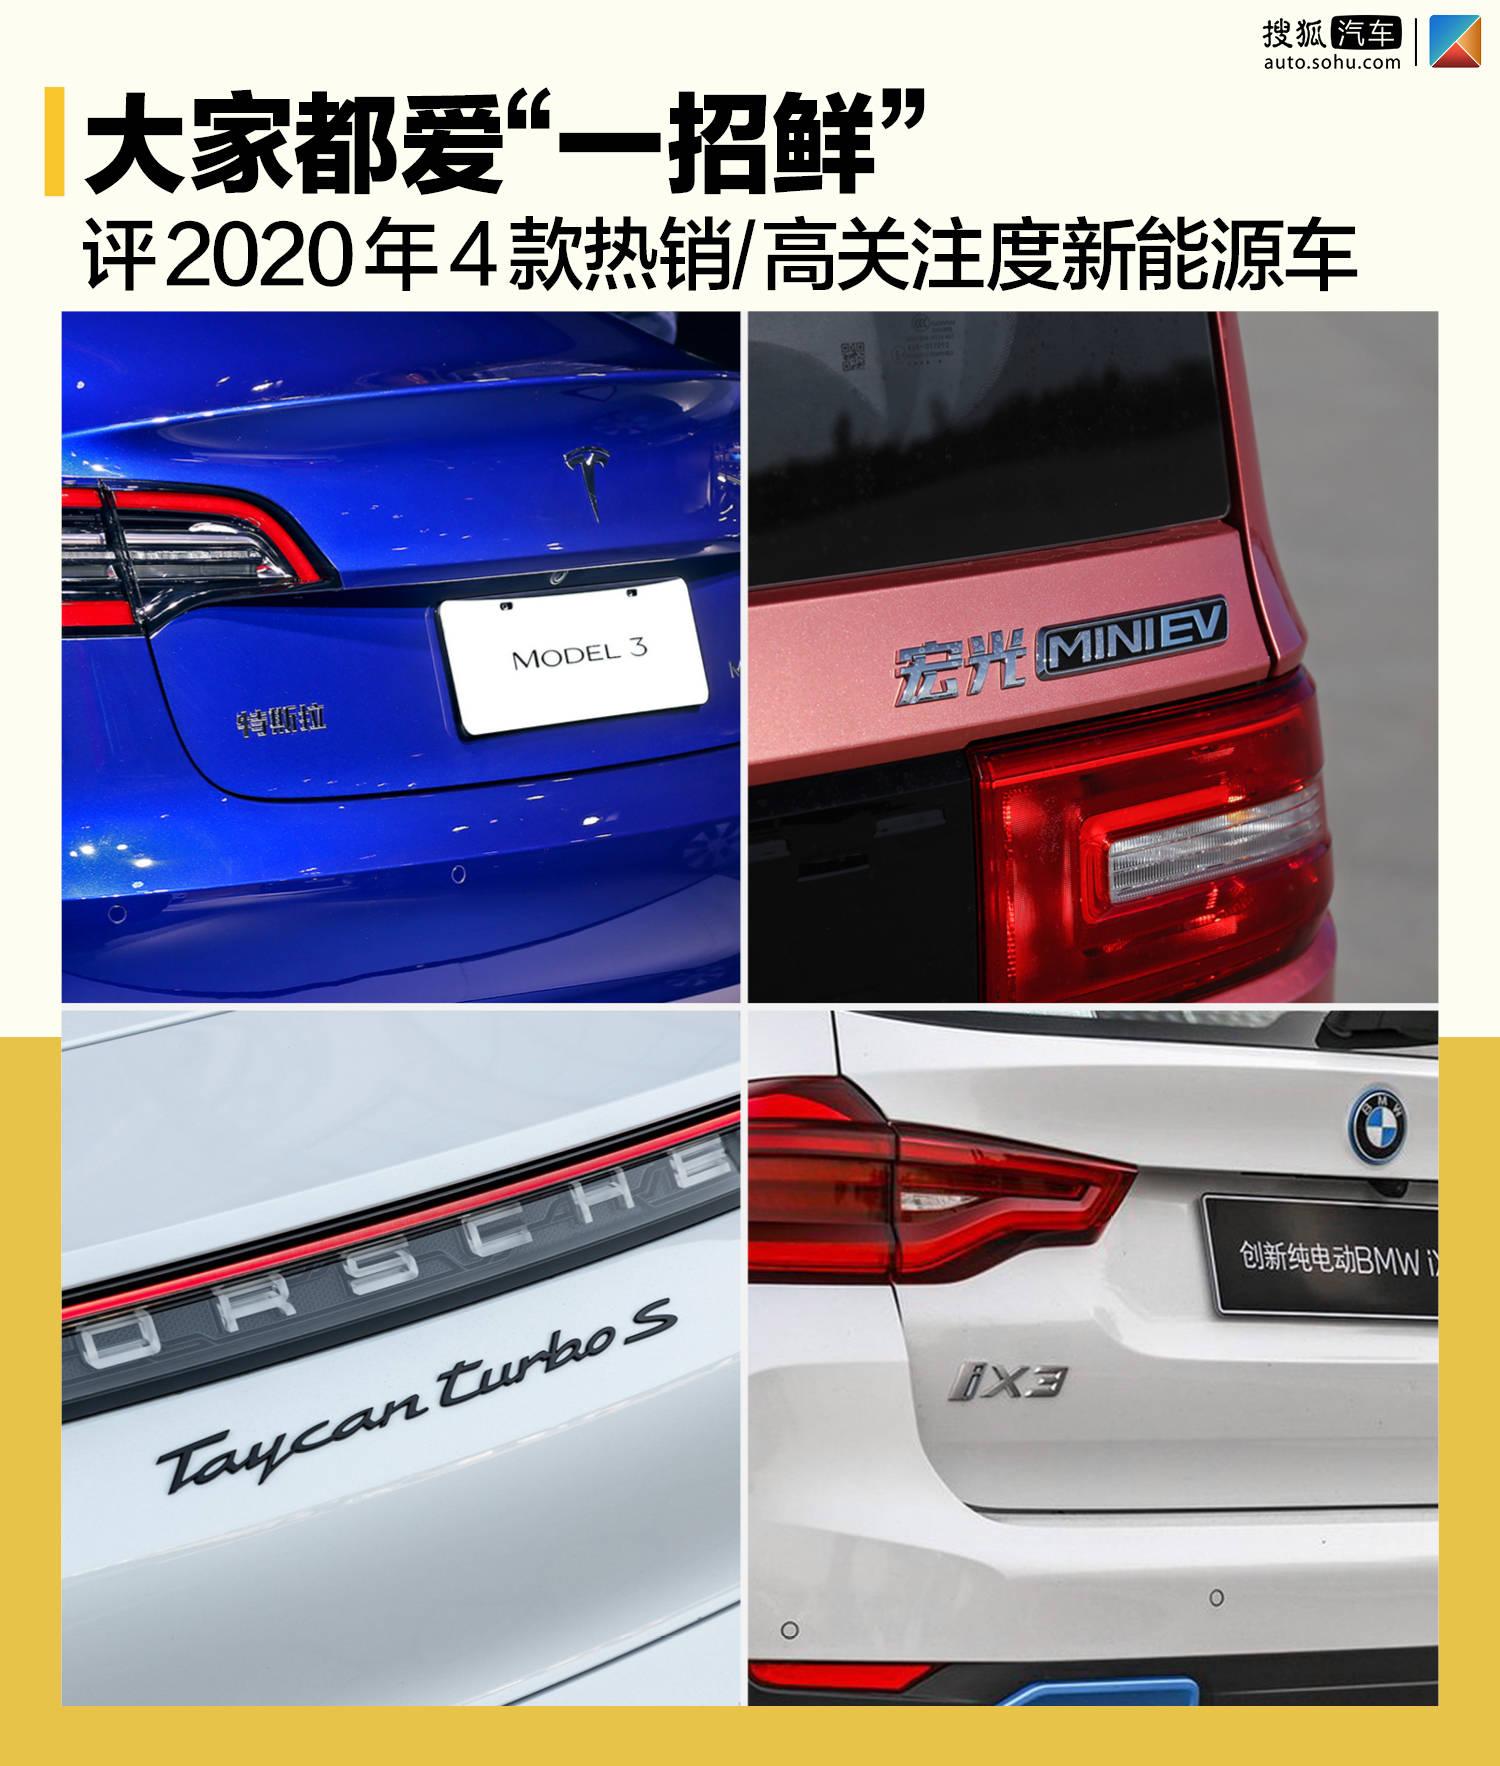 """大家都爱""""一招鲜"""" 评2020年4款热销/高关注度新能源车"""